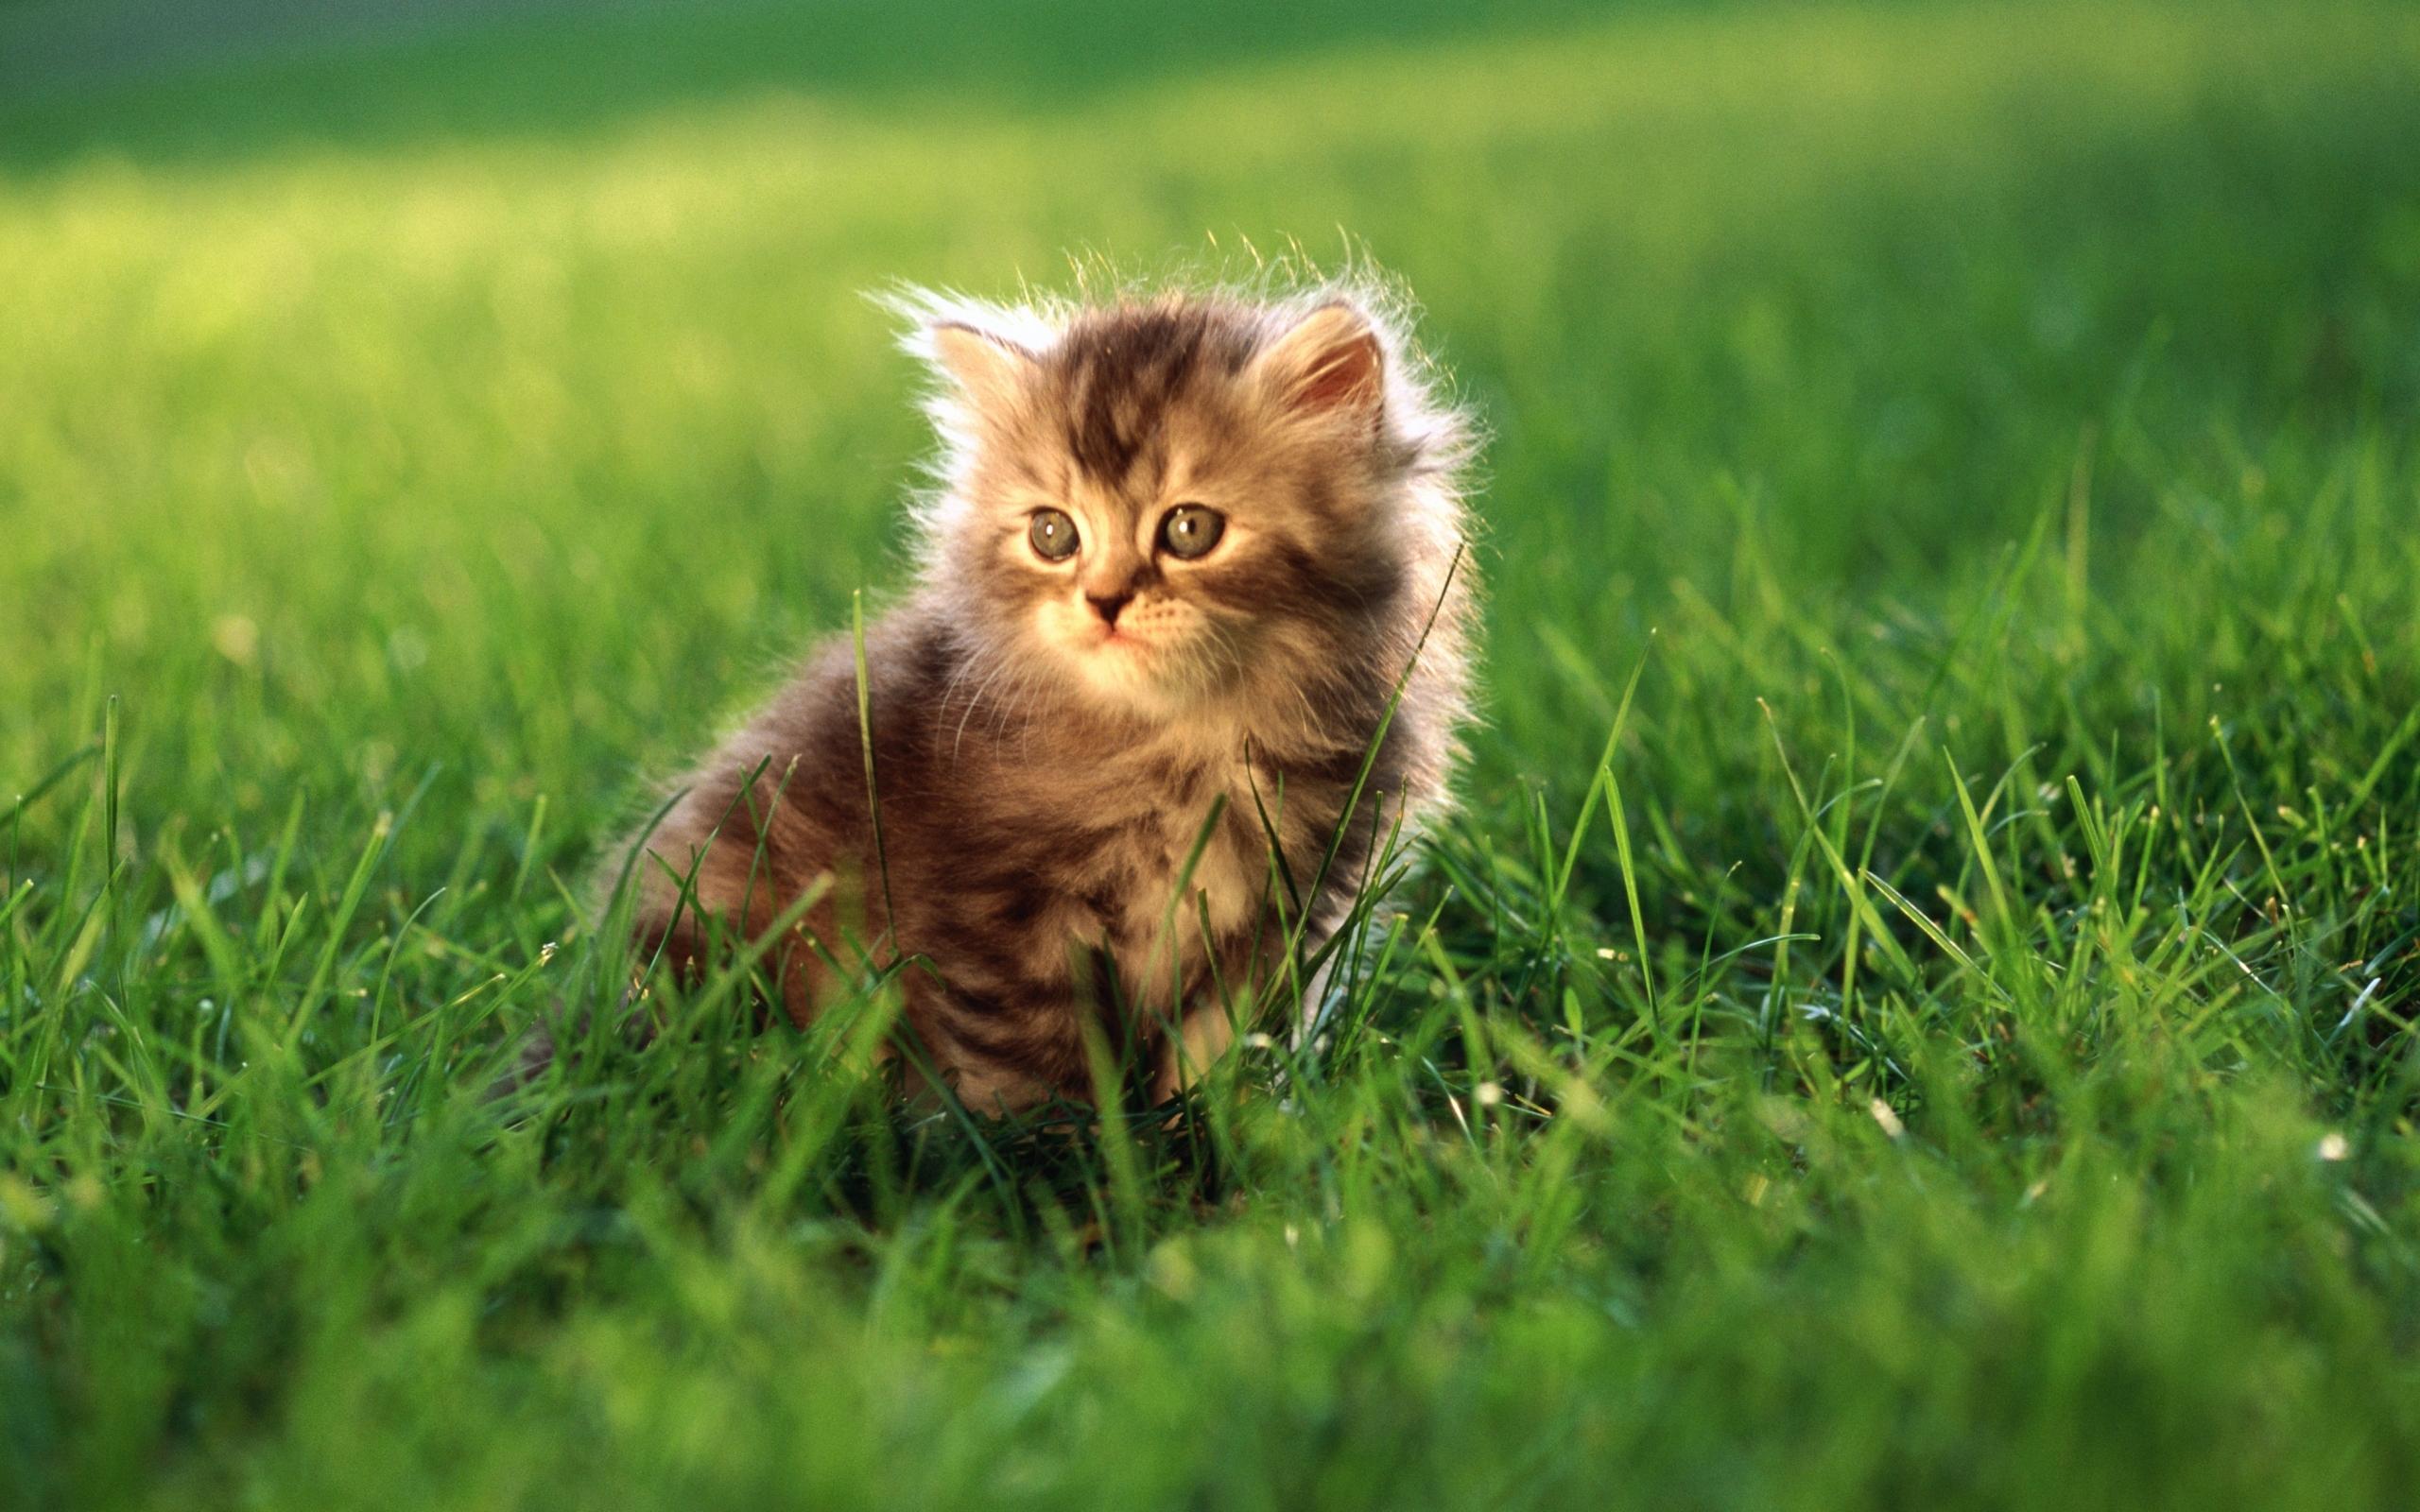 42637 обои 1440x2560 на телефон бесплатно, скачать картинки Кошки (Коты, Котики), Животные 1440x2560 на мобильный